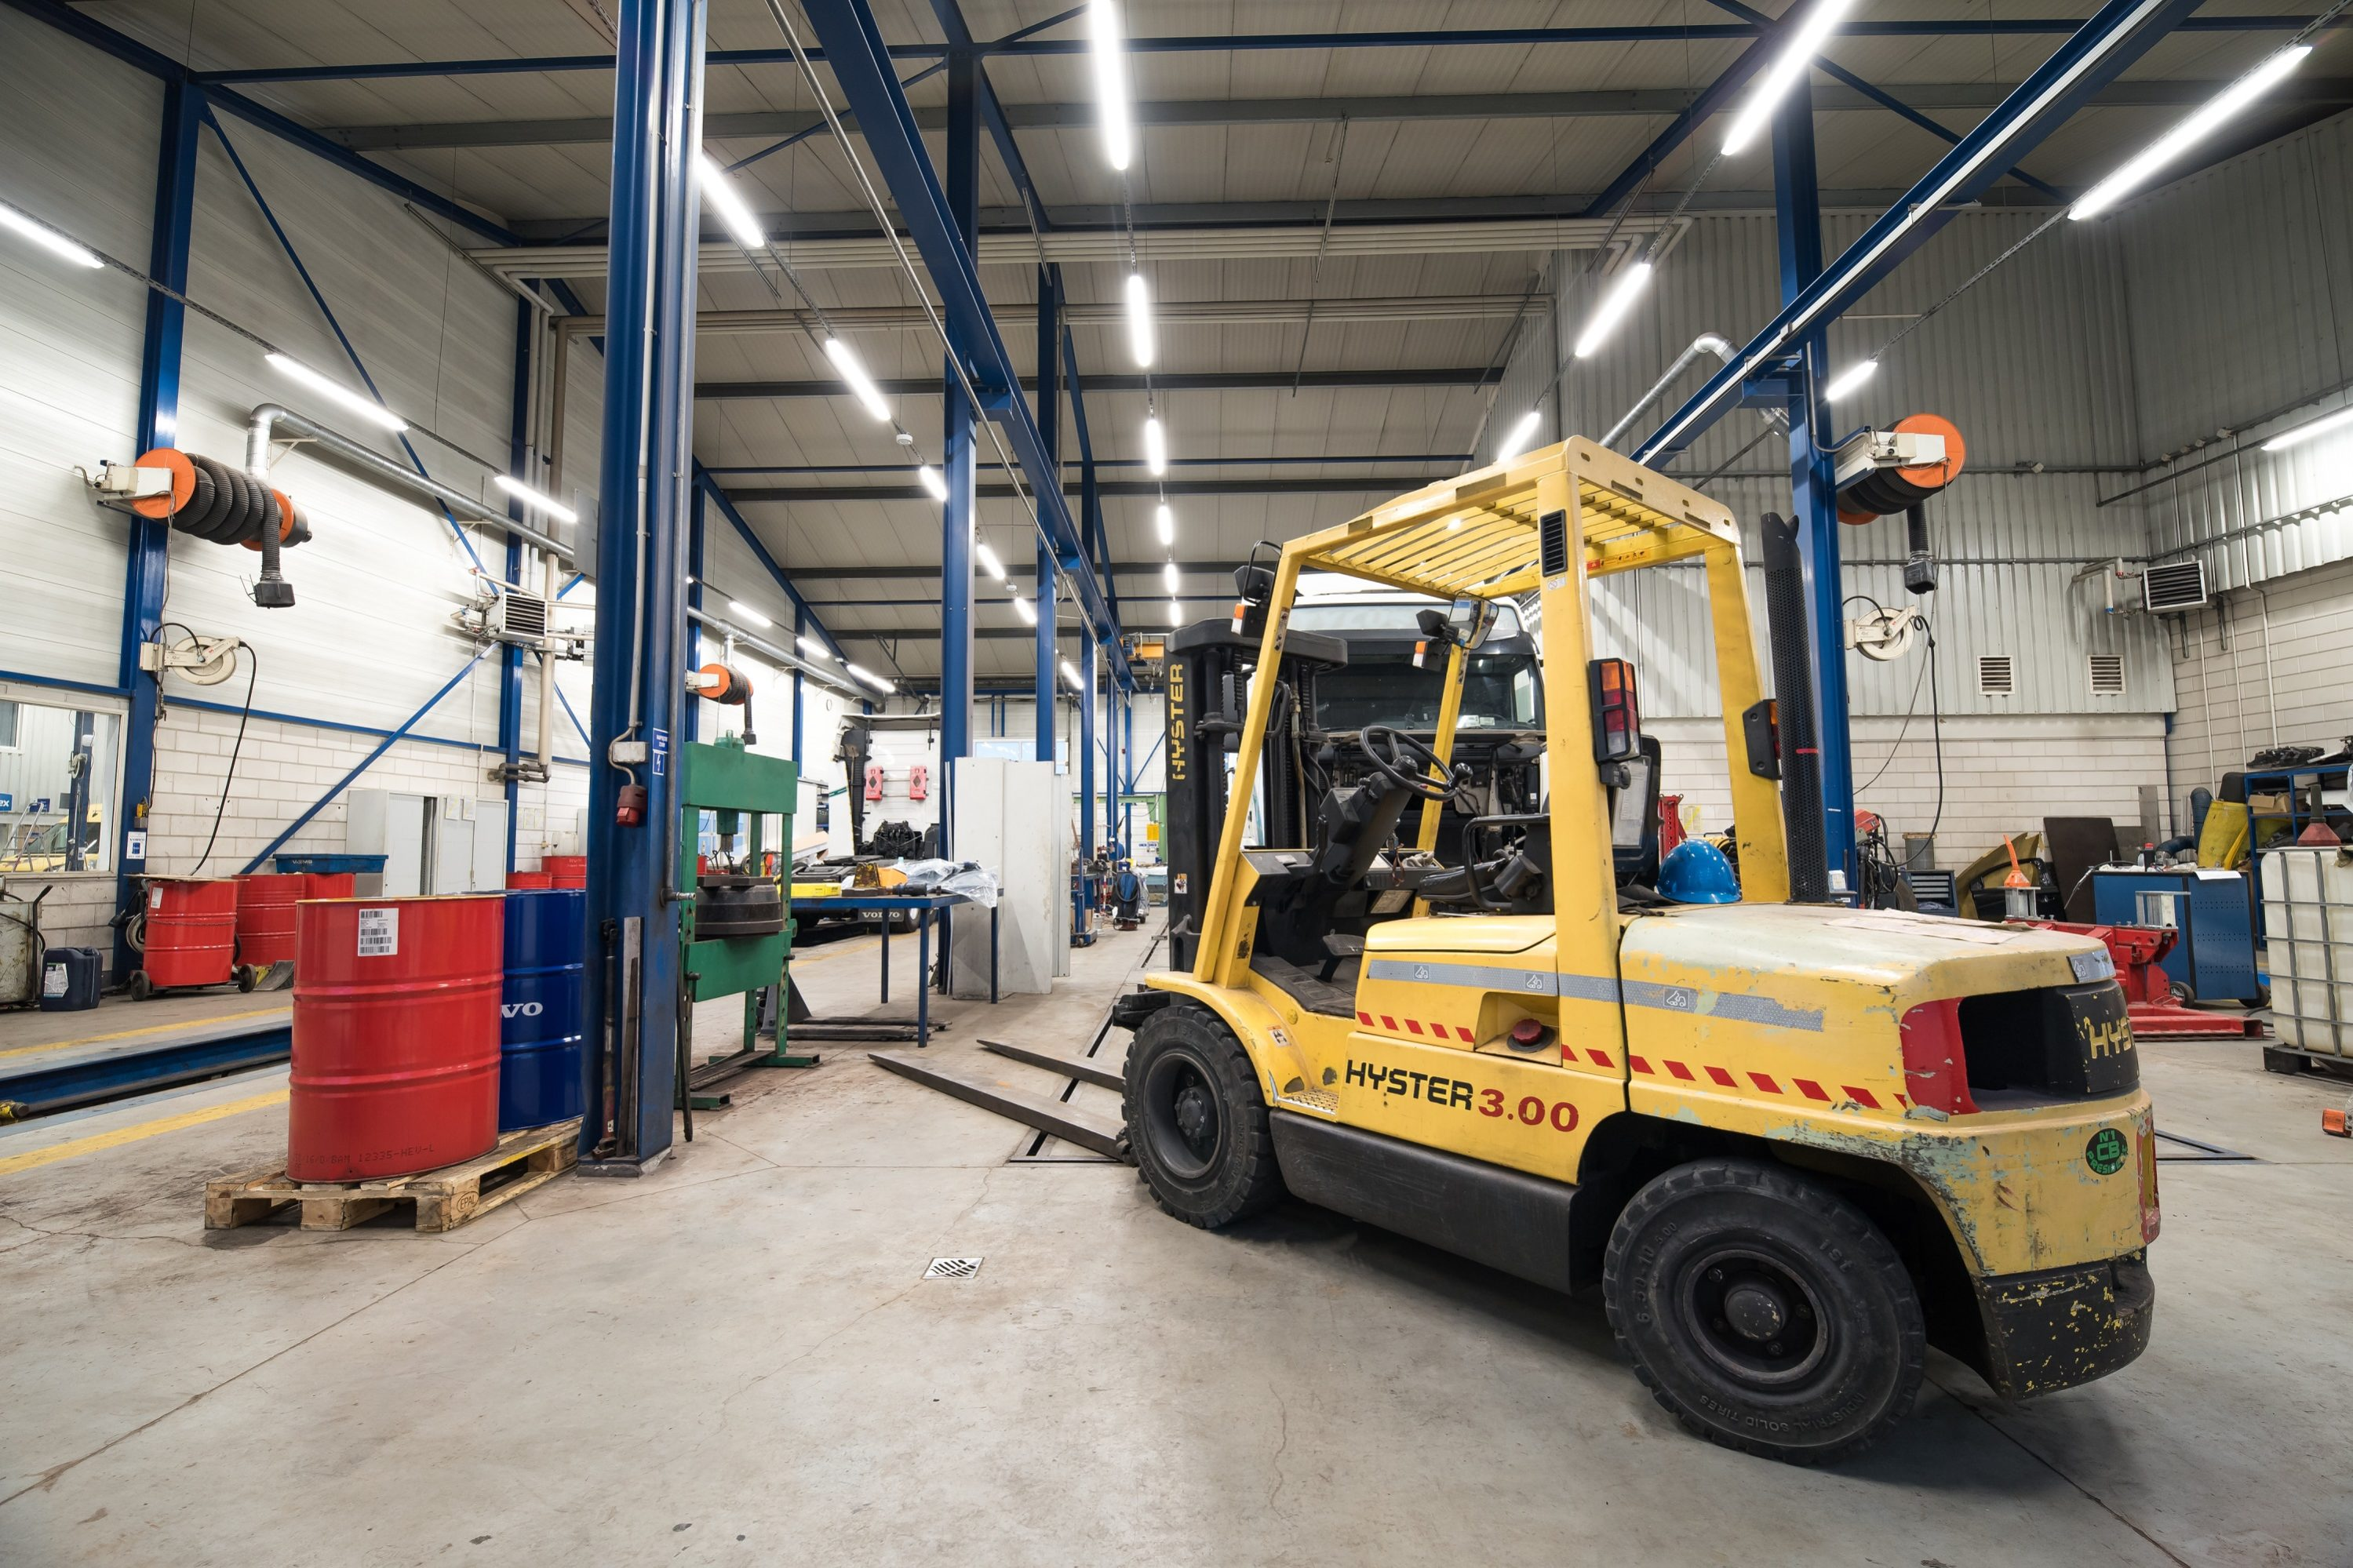 Zmodernizowane oświetlenie led w zakładzie marki Volvo - Luxon LED